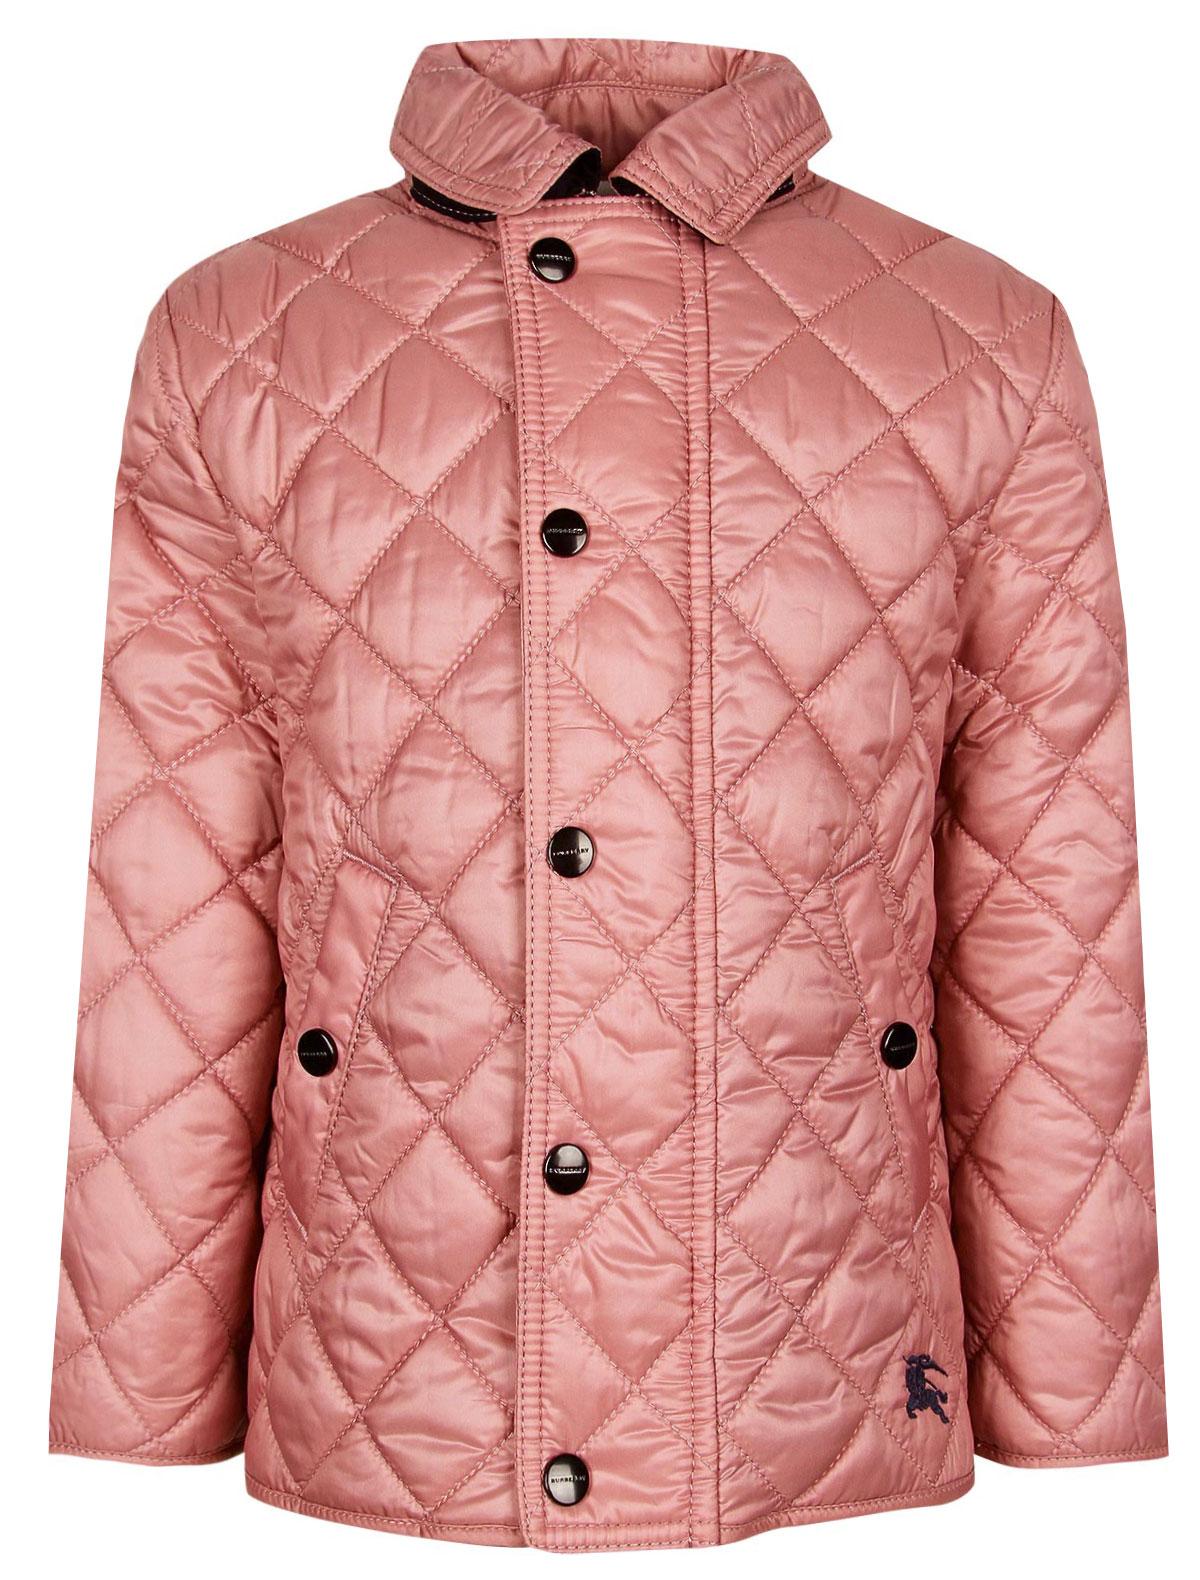 Купить 1956031, Куртка Burberry, розовый, Женский, 1072609971202